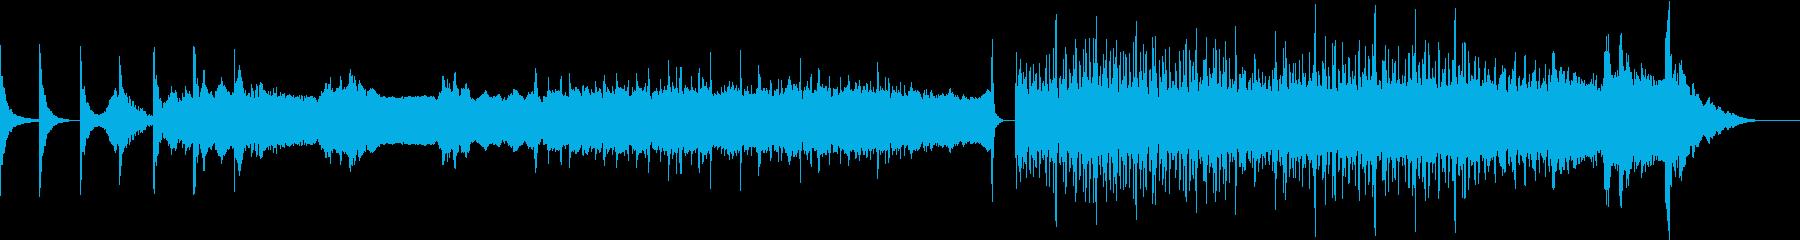 ディジュリドゥと拍子木の力強いBGMの再生済みの波形